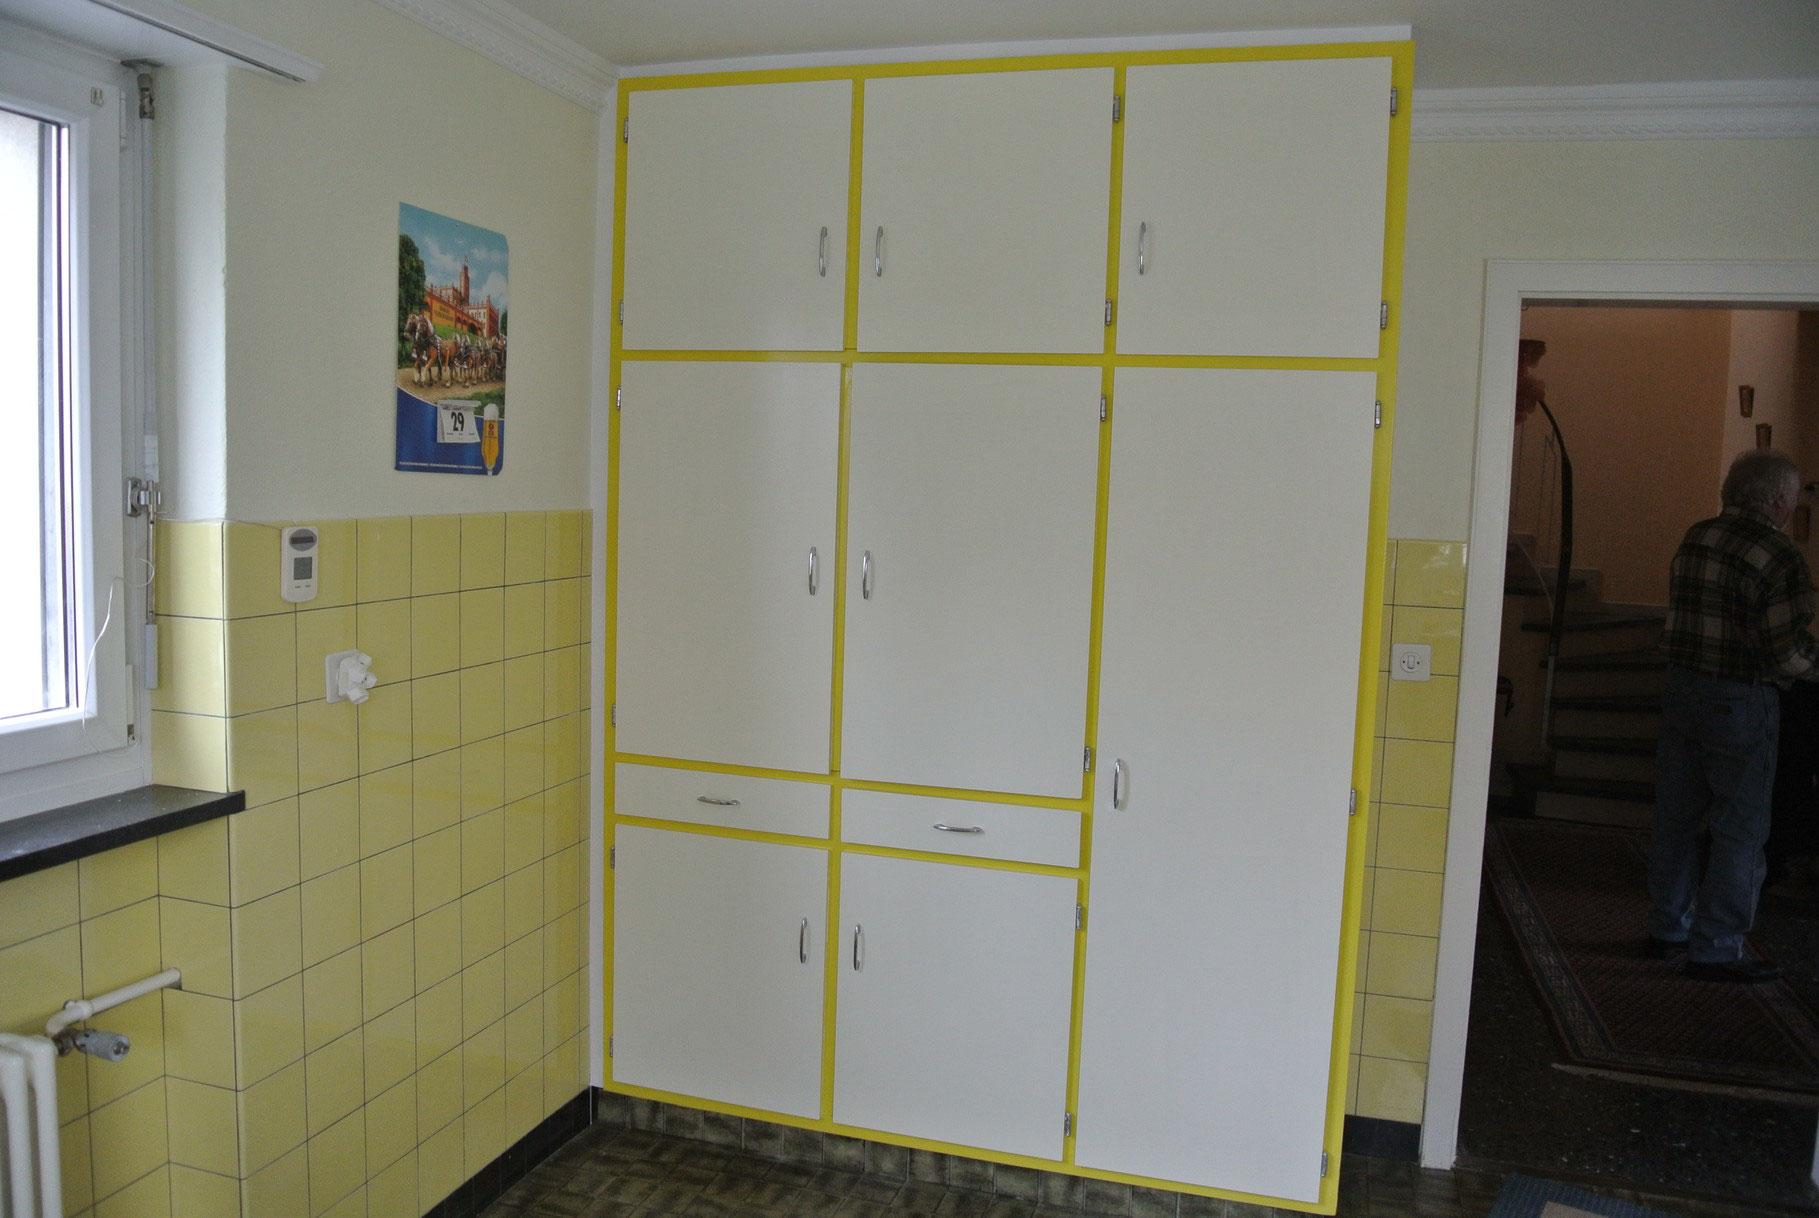 Zimmer, Küche und Innenbereich streichen - MAEX-Team